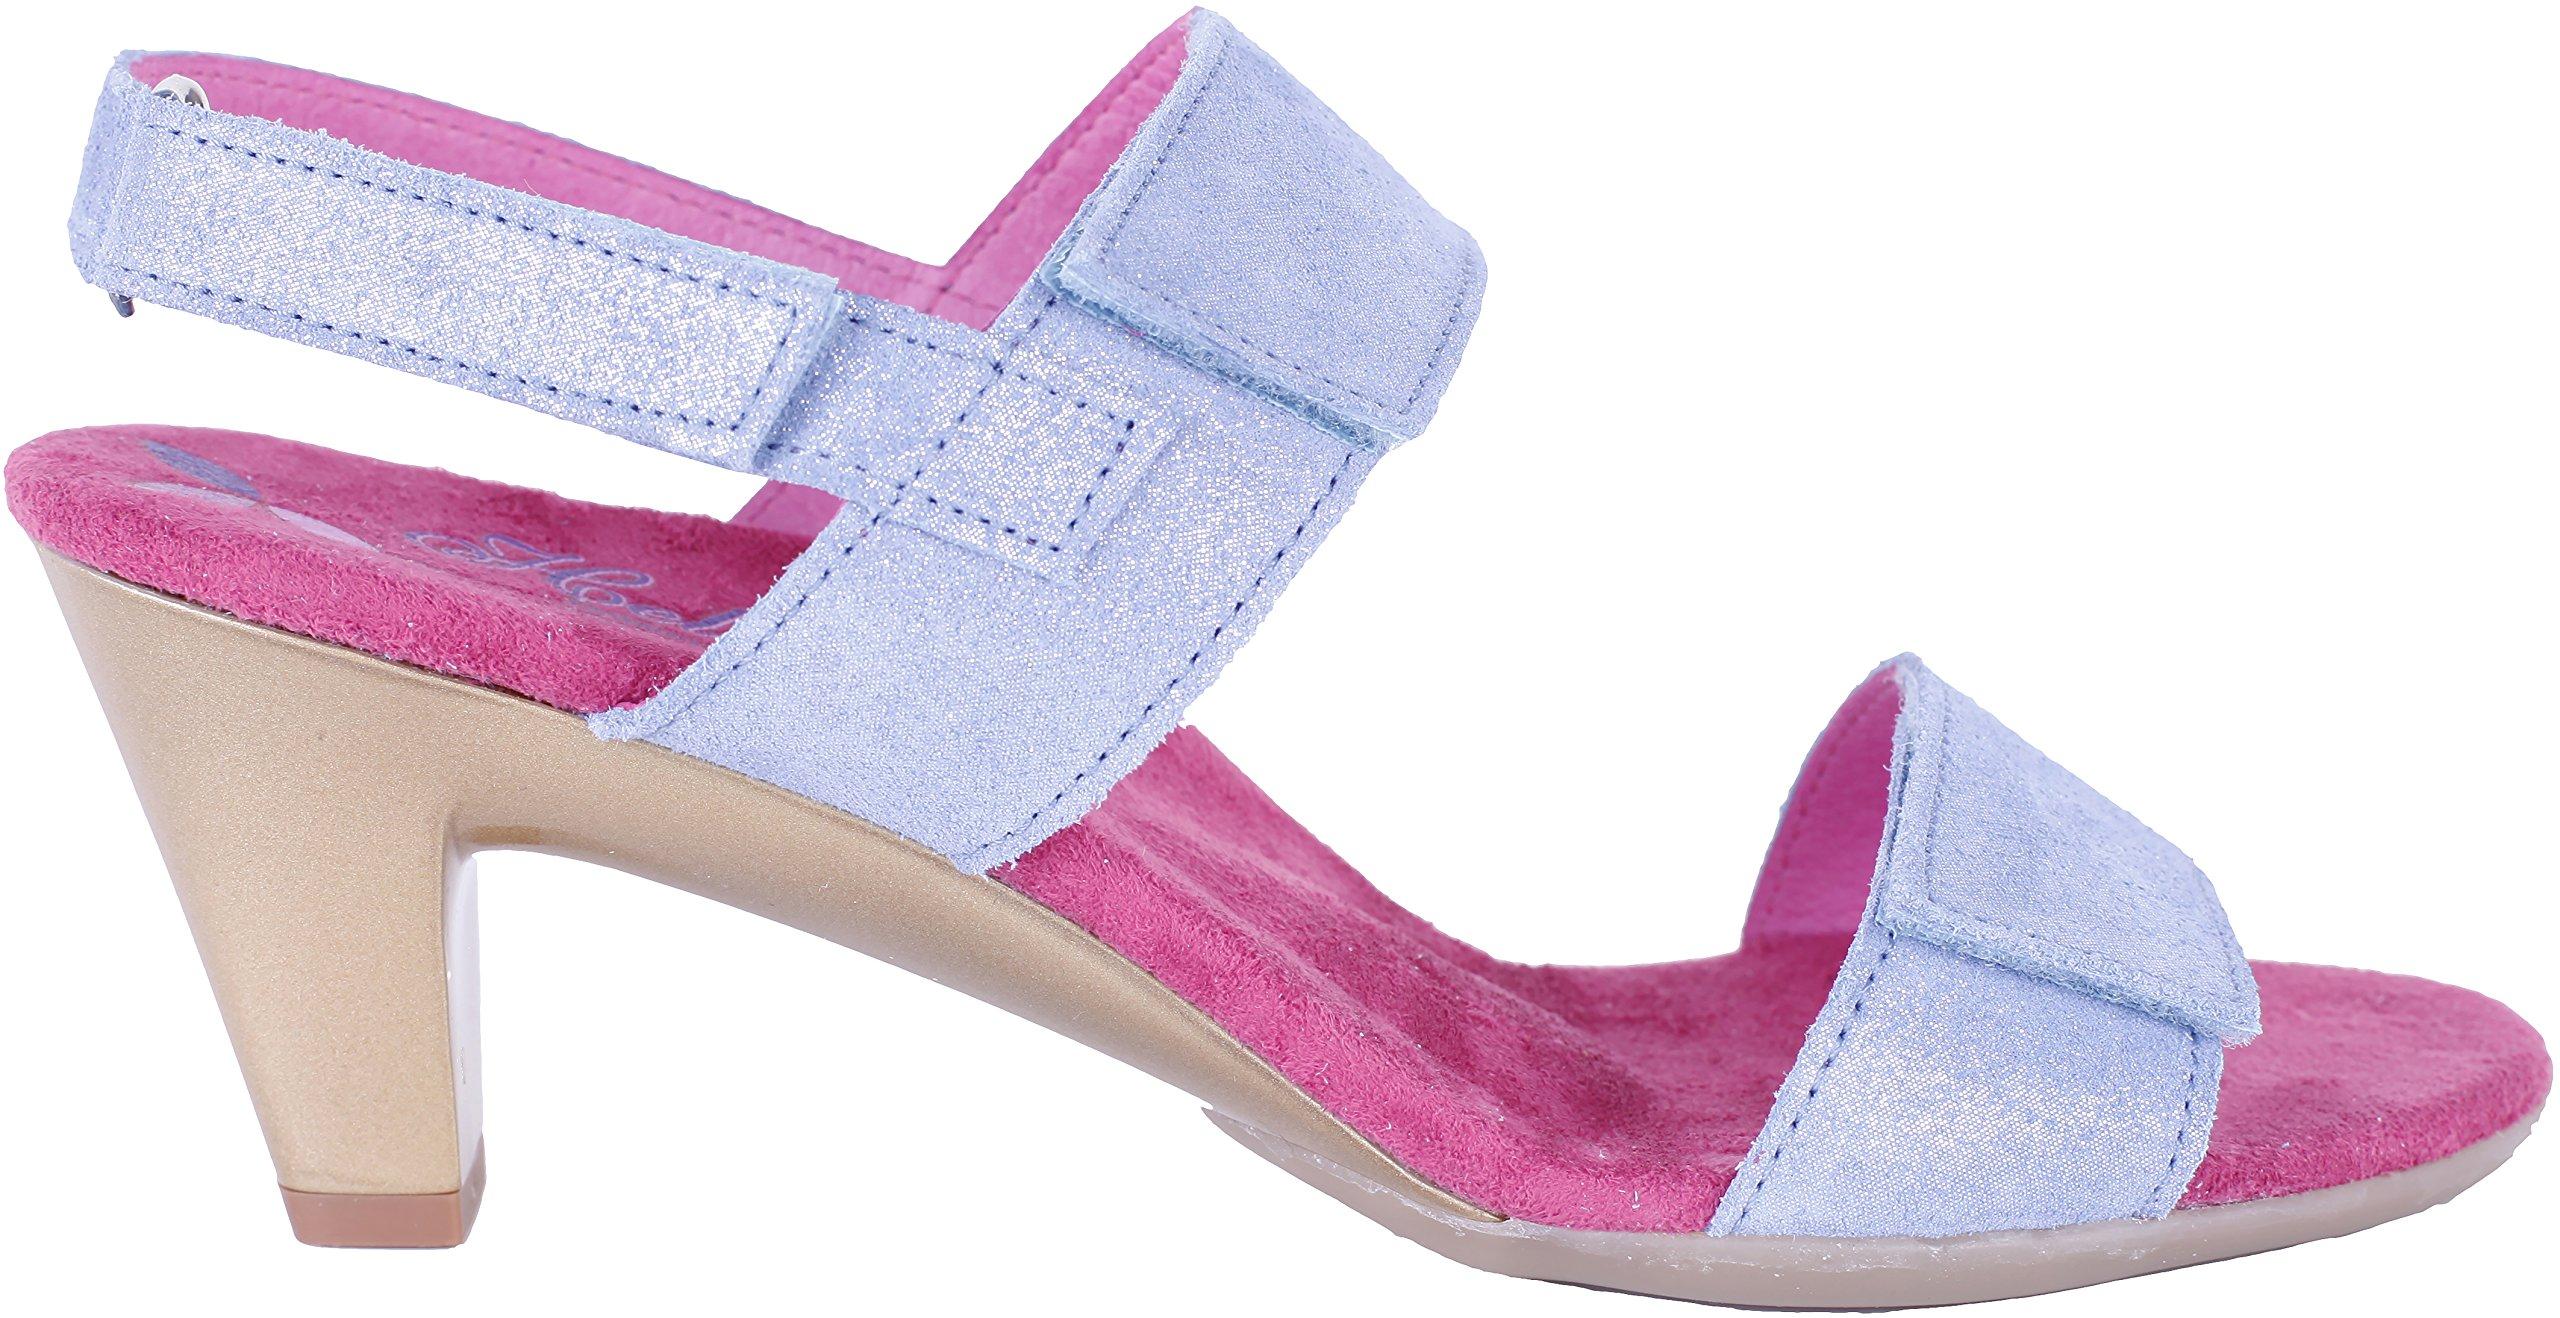 Helle Fashion Comfort WOMEN's 2 Velcro Slingback Sandal Edla Denim Size 36